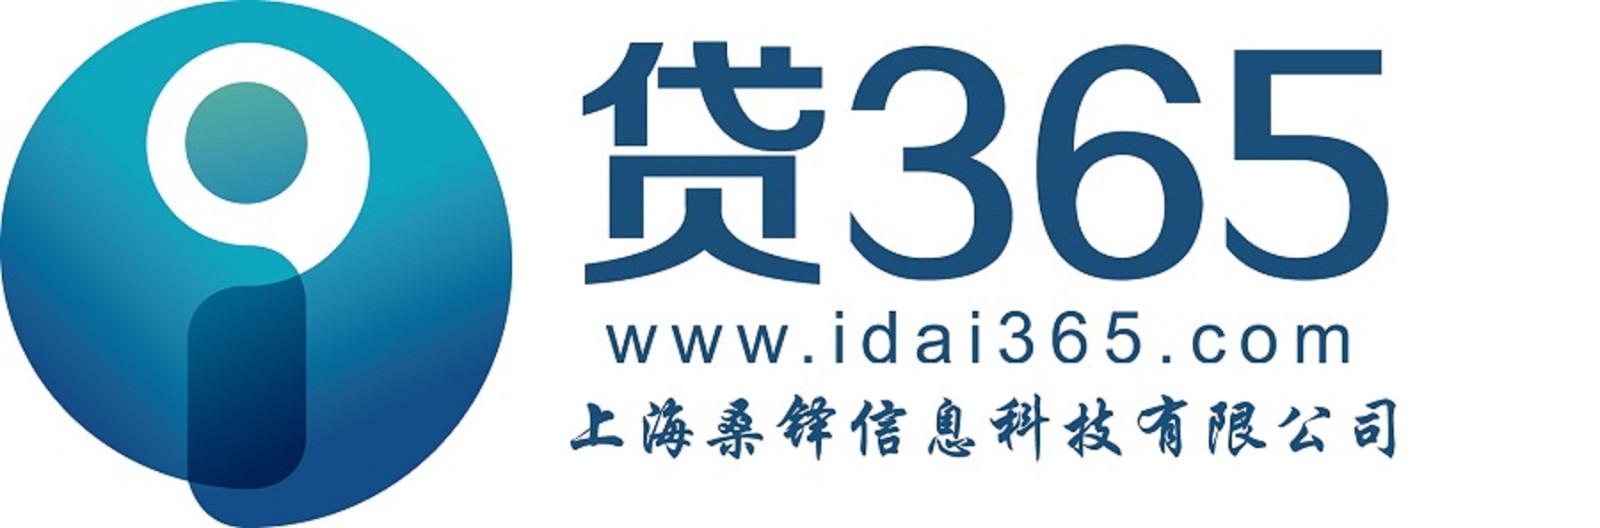 上海桑铎信息科技有限公司